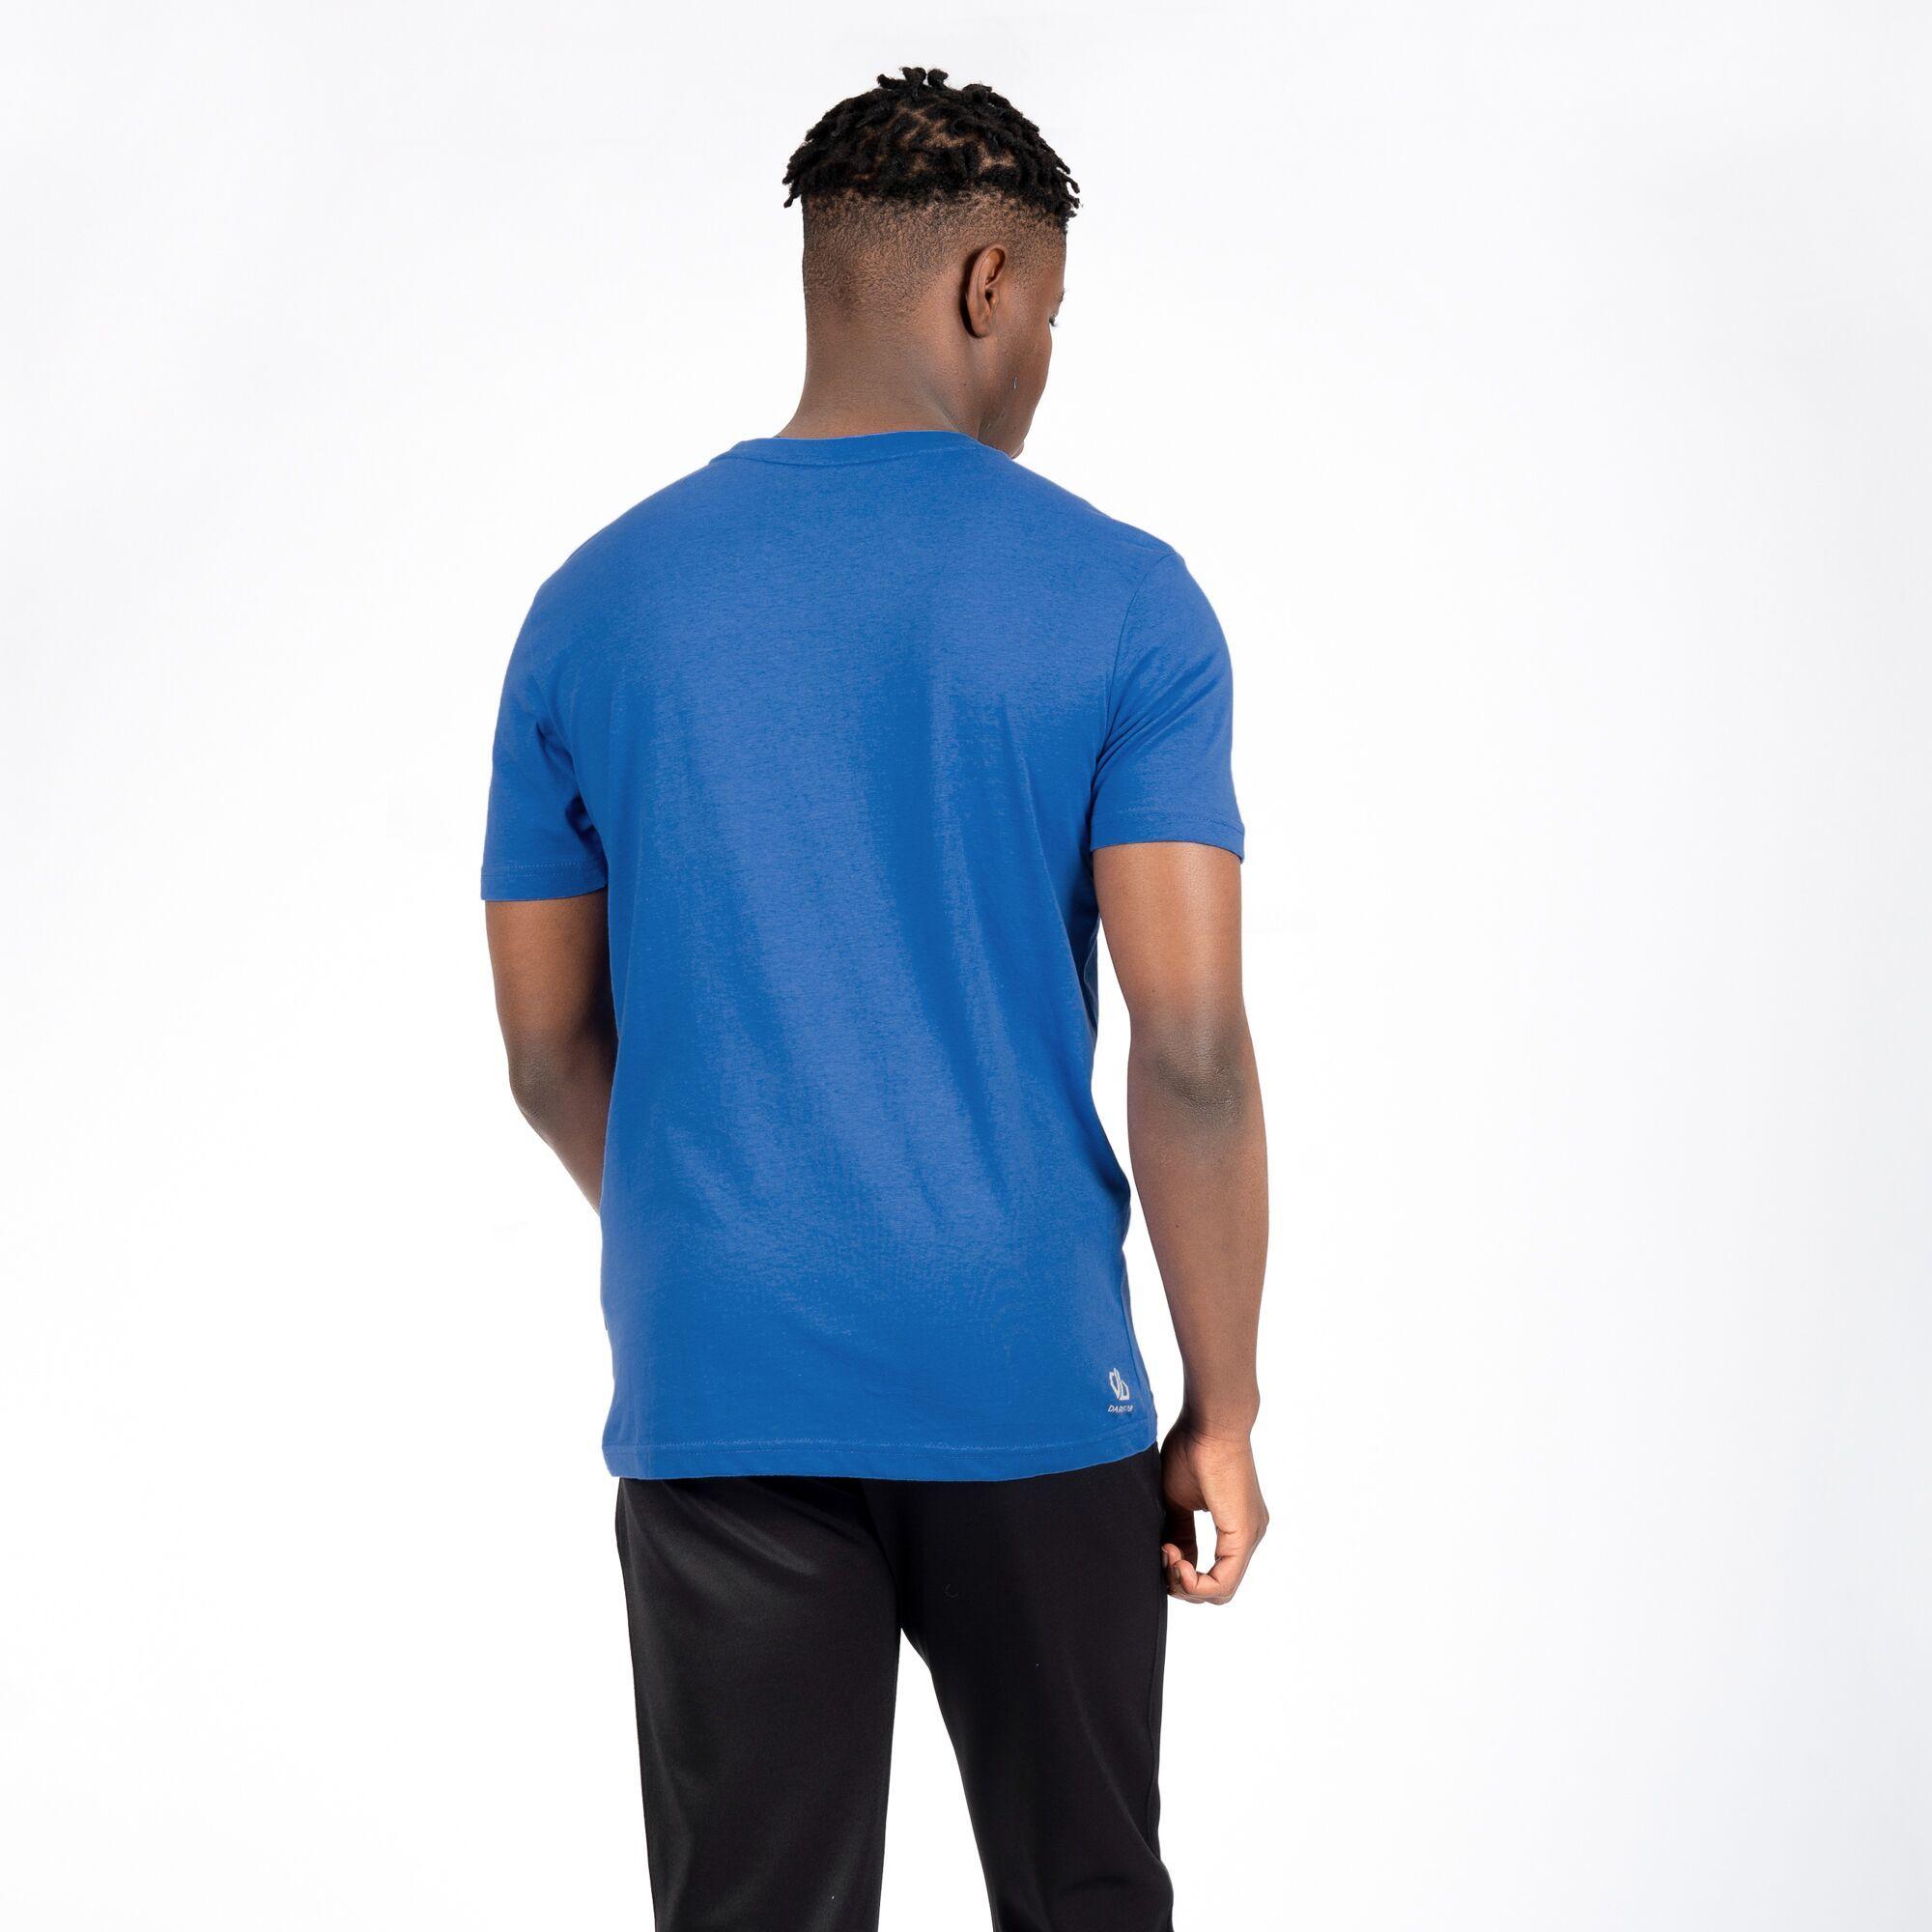 miniature 7 - Dare 2B - T-shirt imprimé STRINGENT - Homme (RG5022)